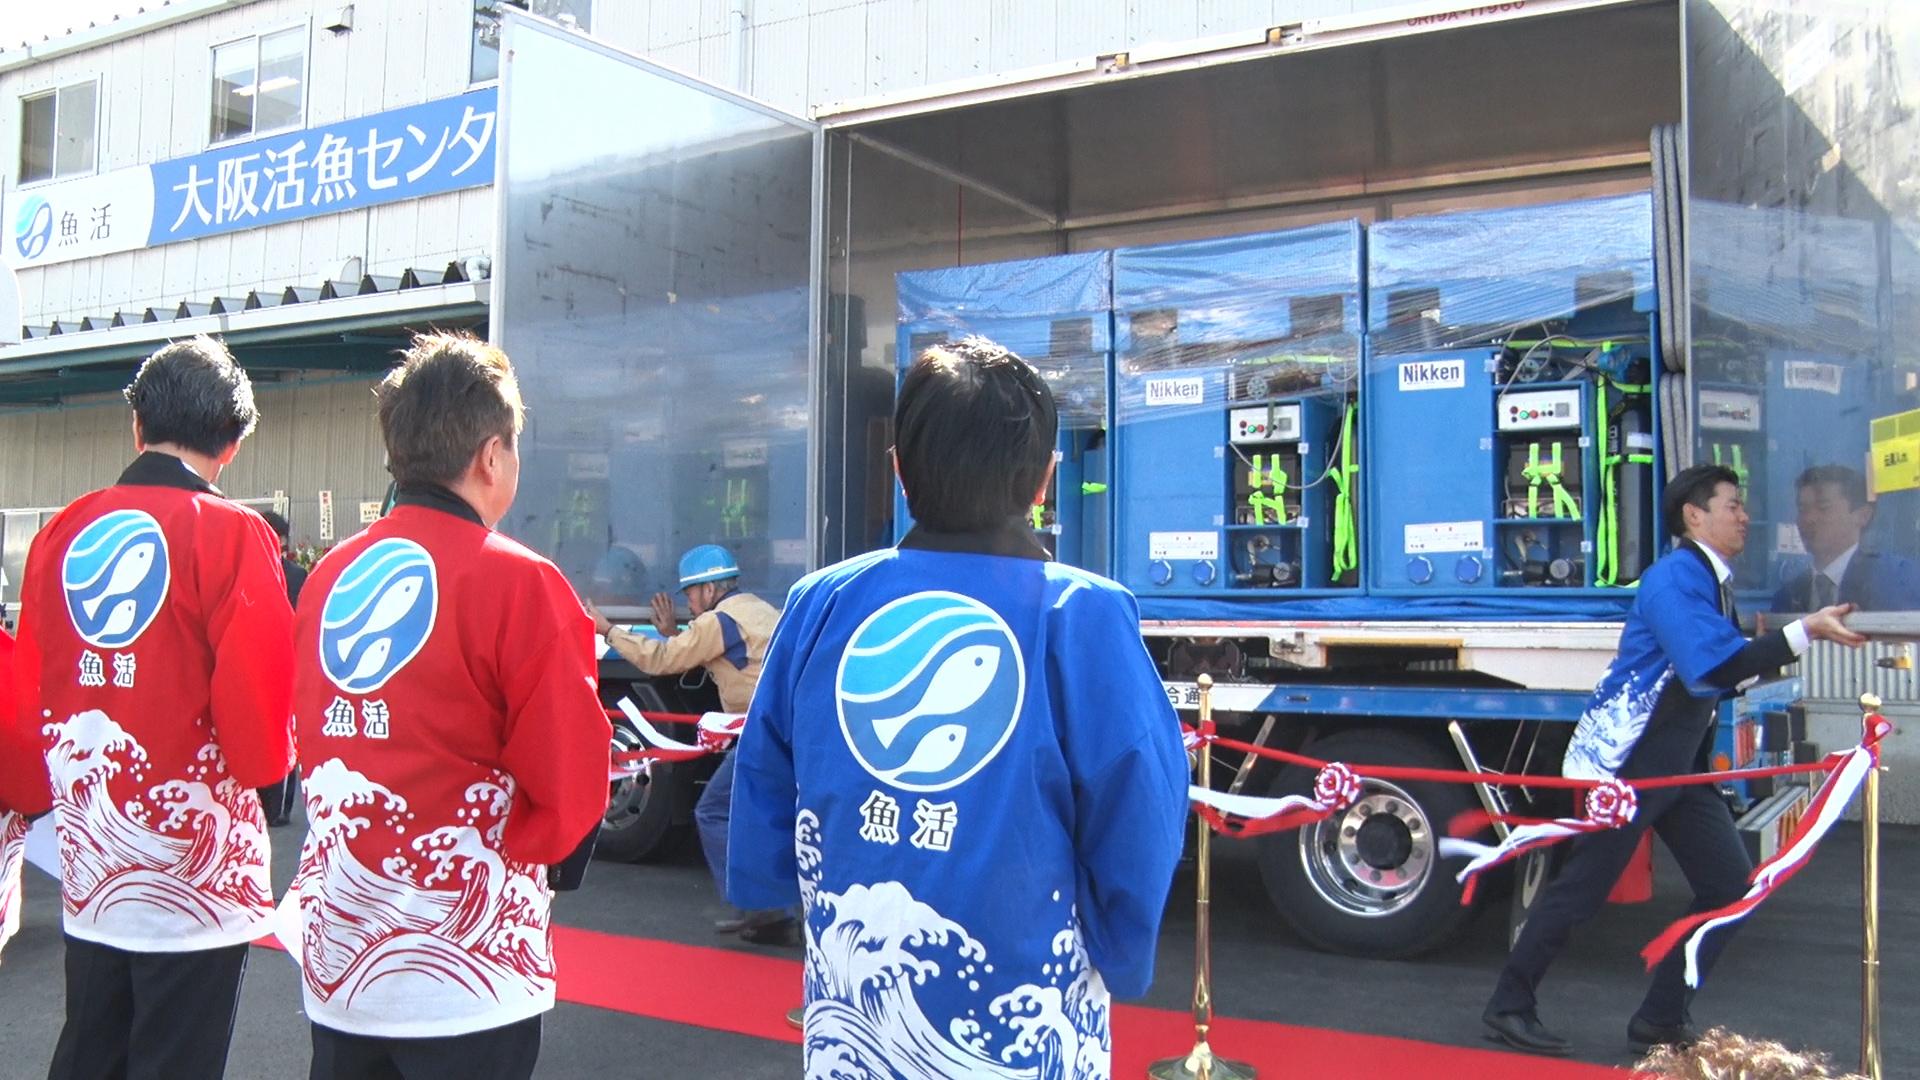 大阪活魚センター開所! 漁業者の所得向上と新鮮で美味しい魚の持続的供給に向けた取組み